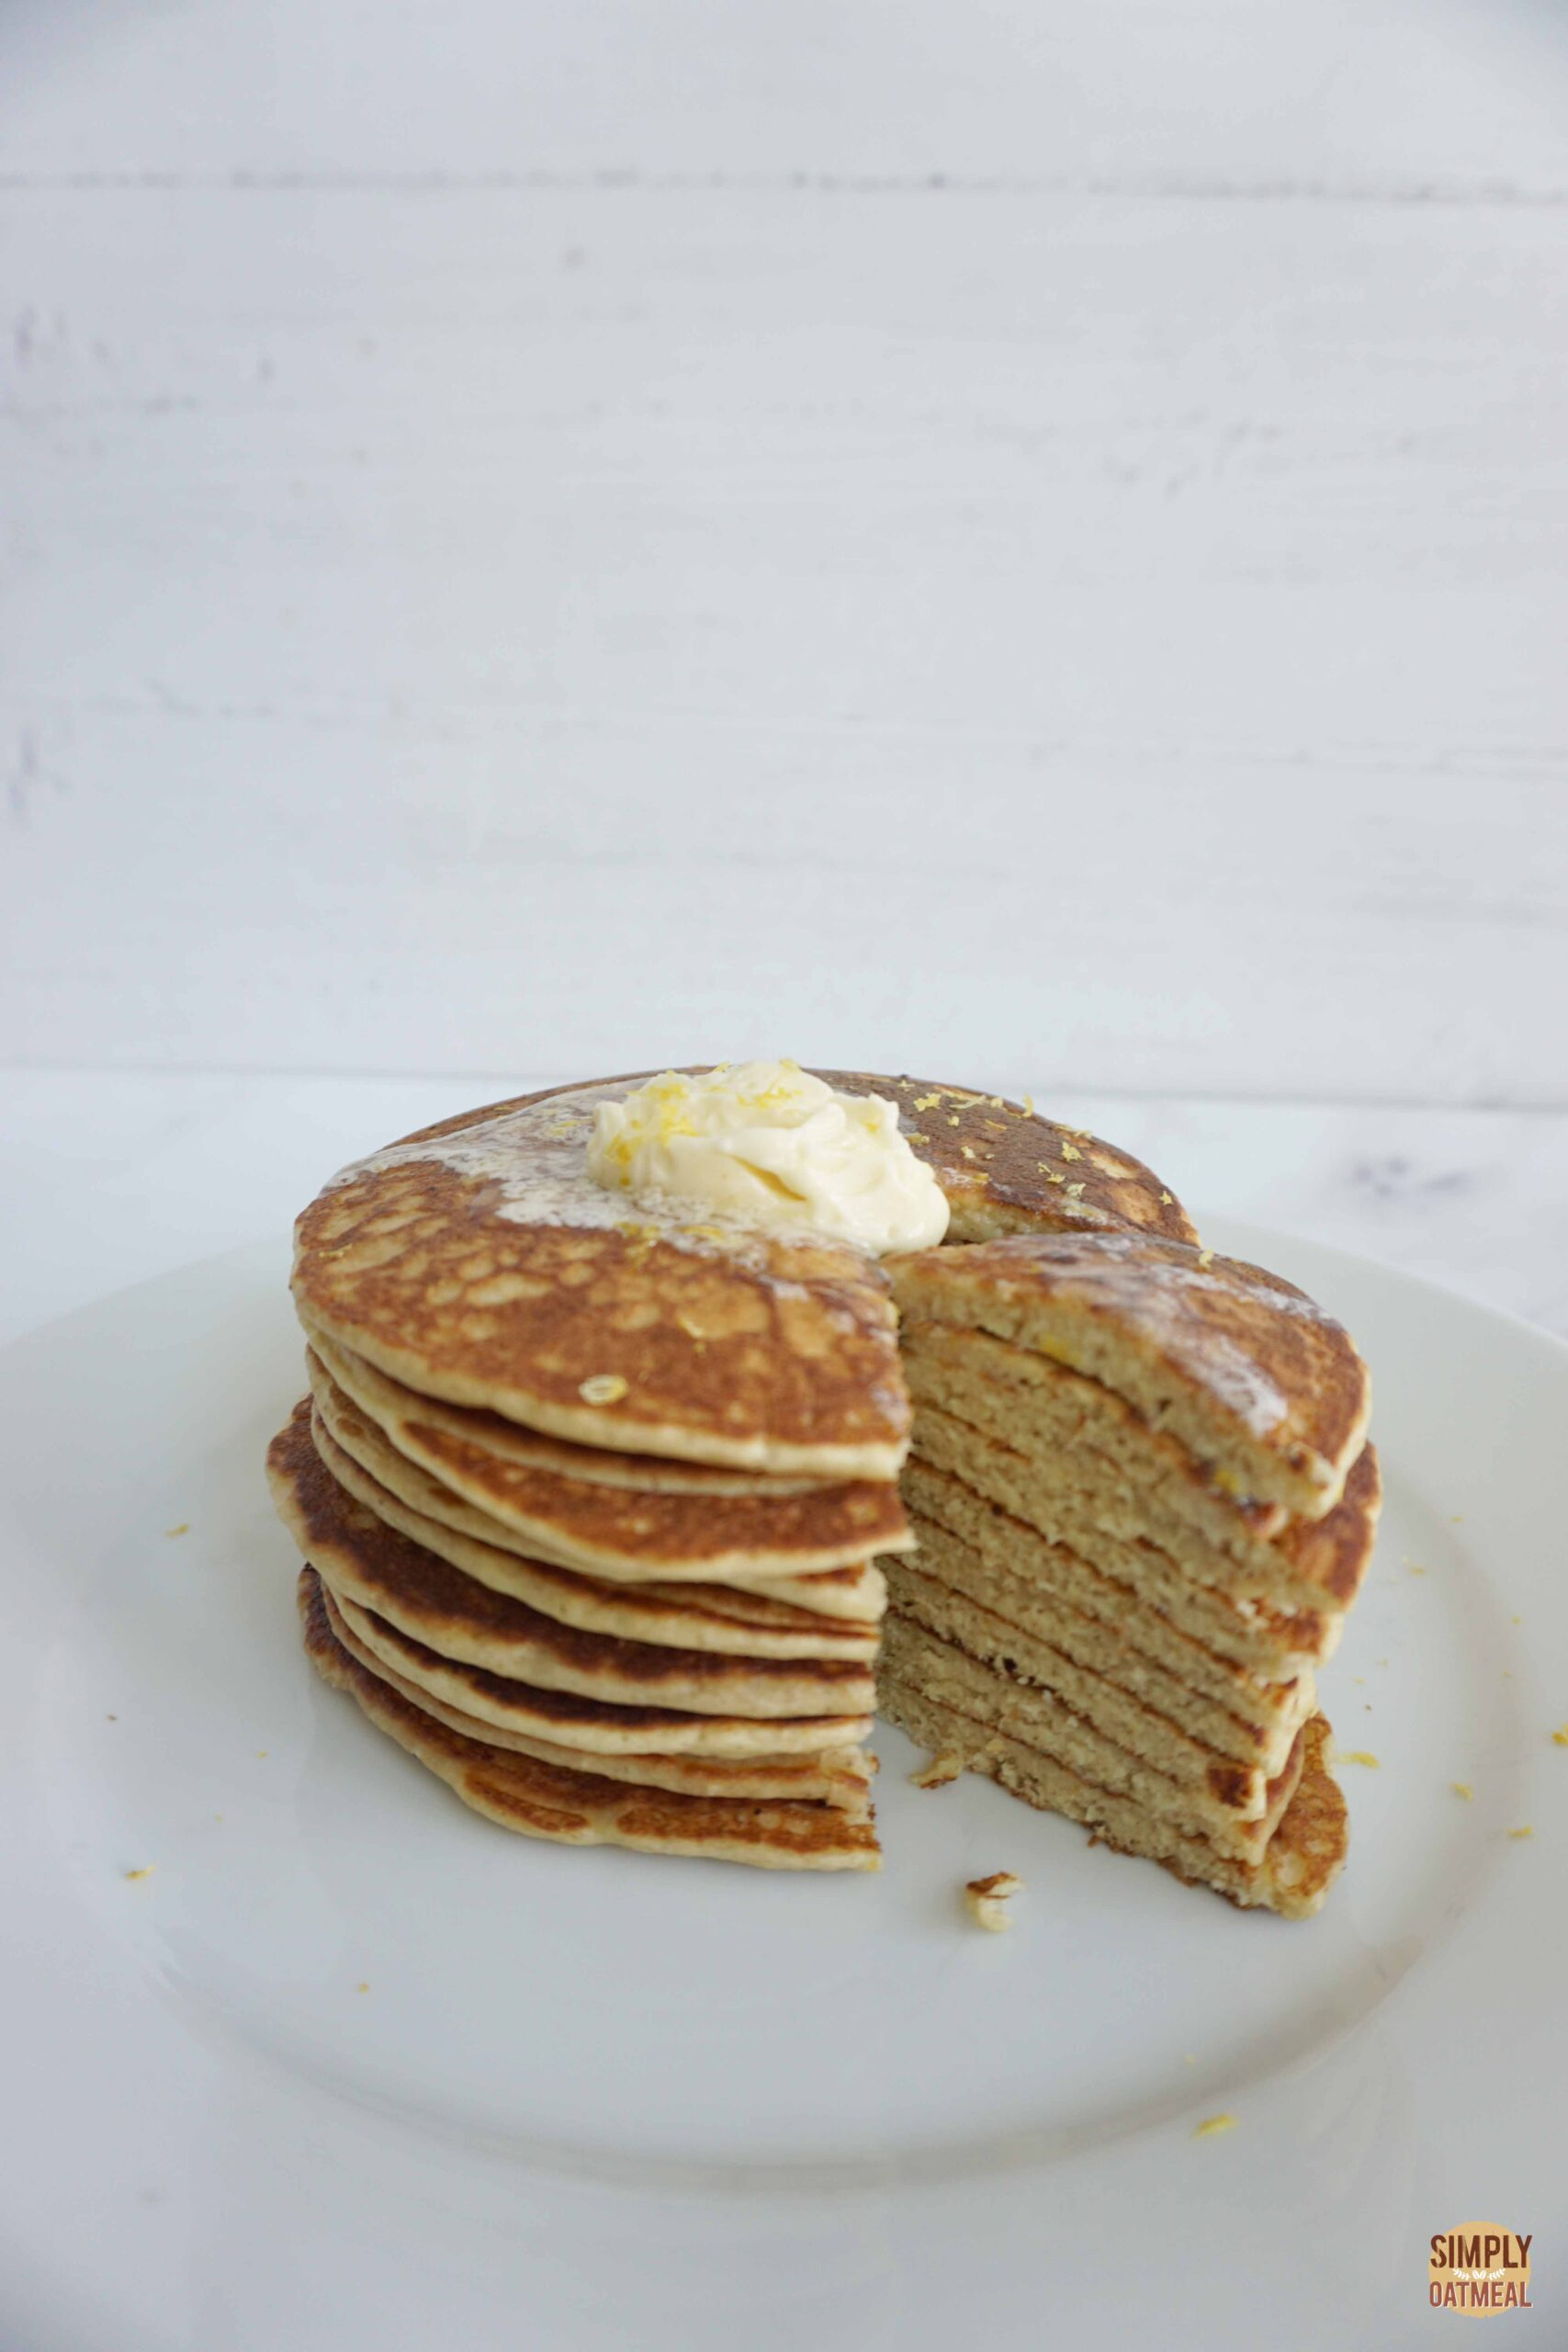 Lemon Ricotta Oatmeal Pancakes with Whipped Honey Butter (Gluten-Free)